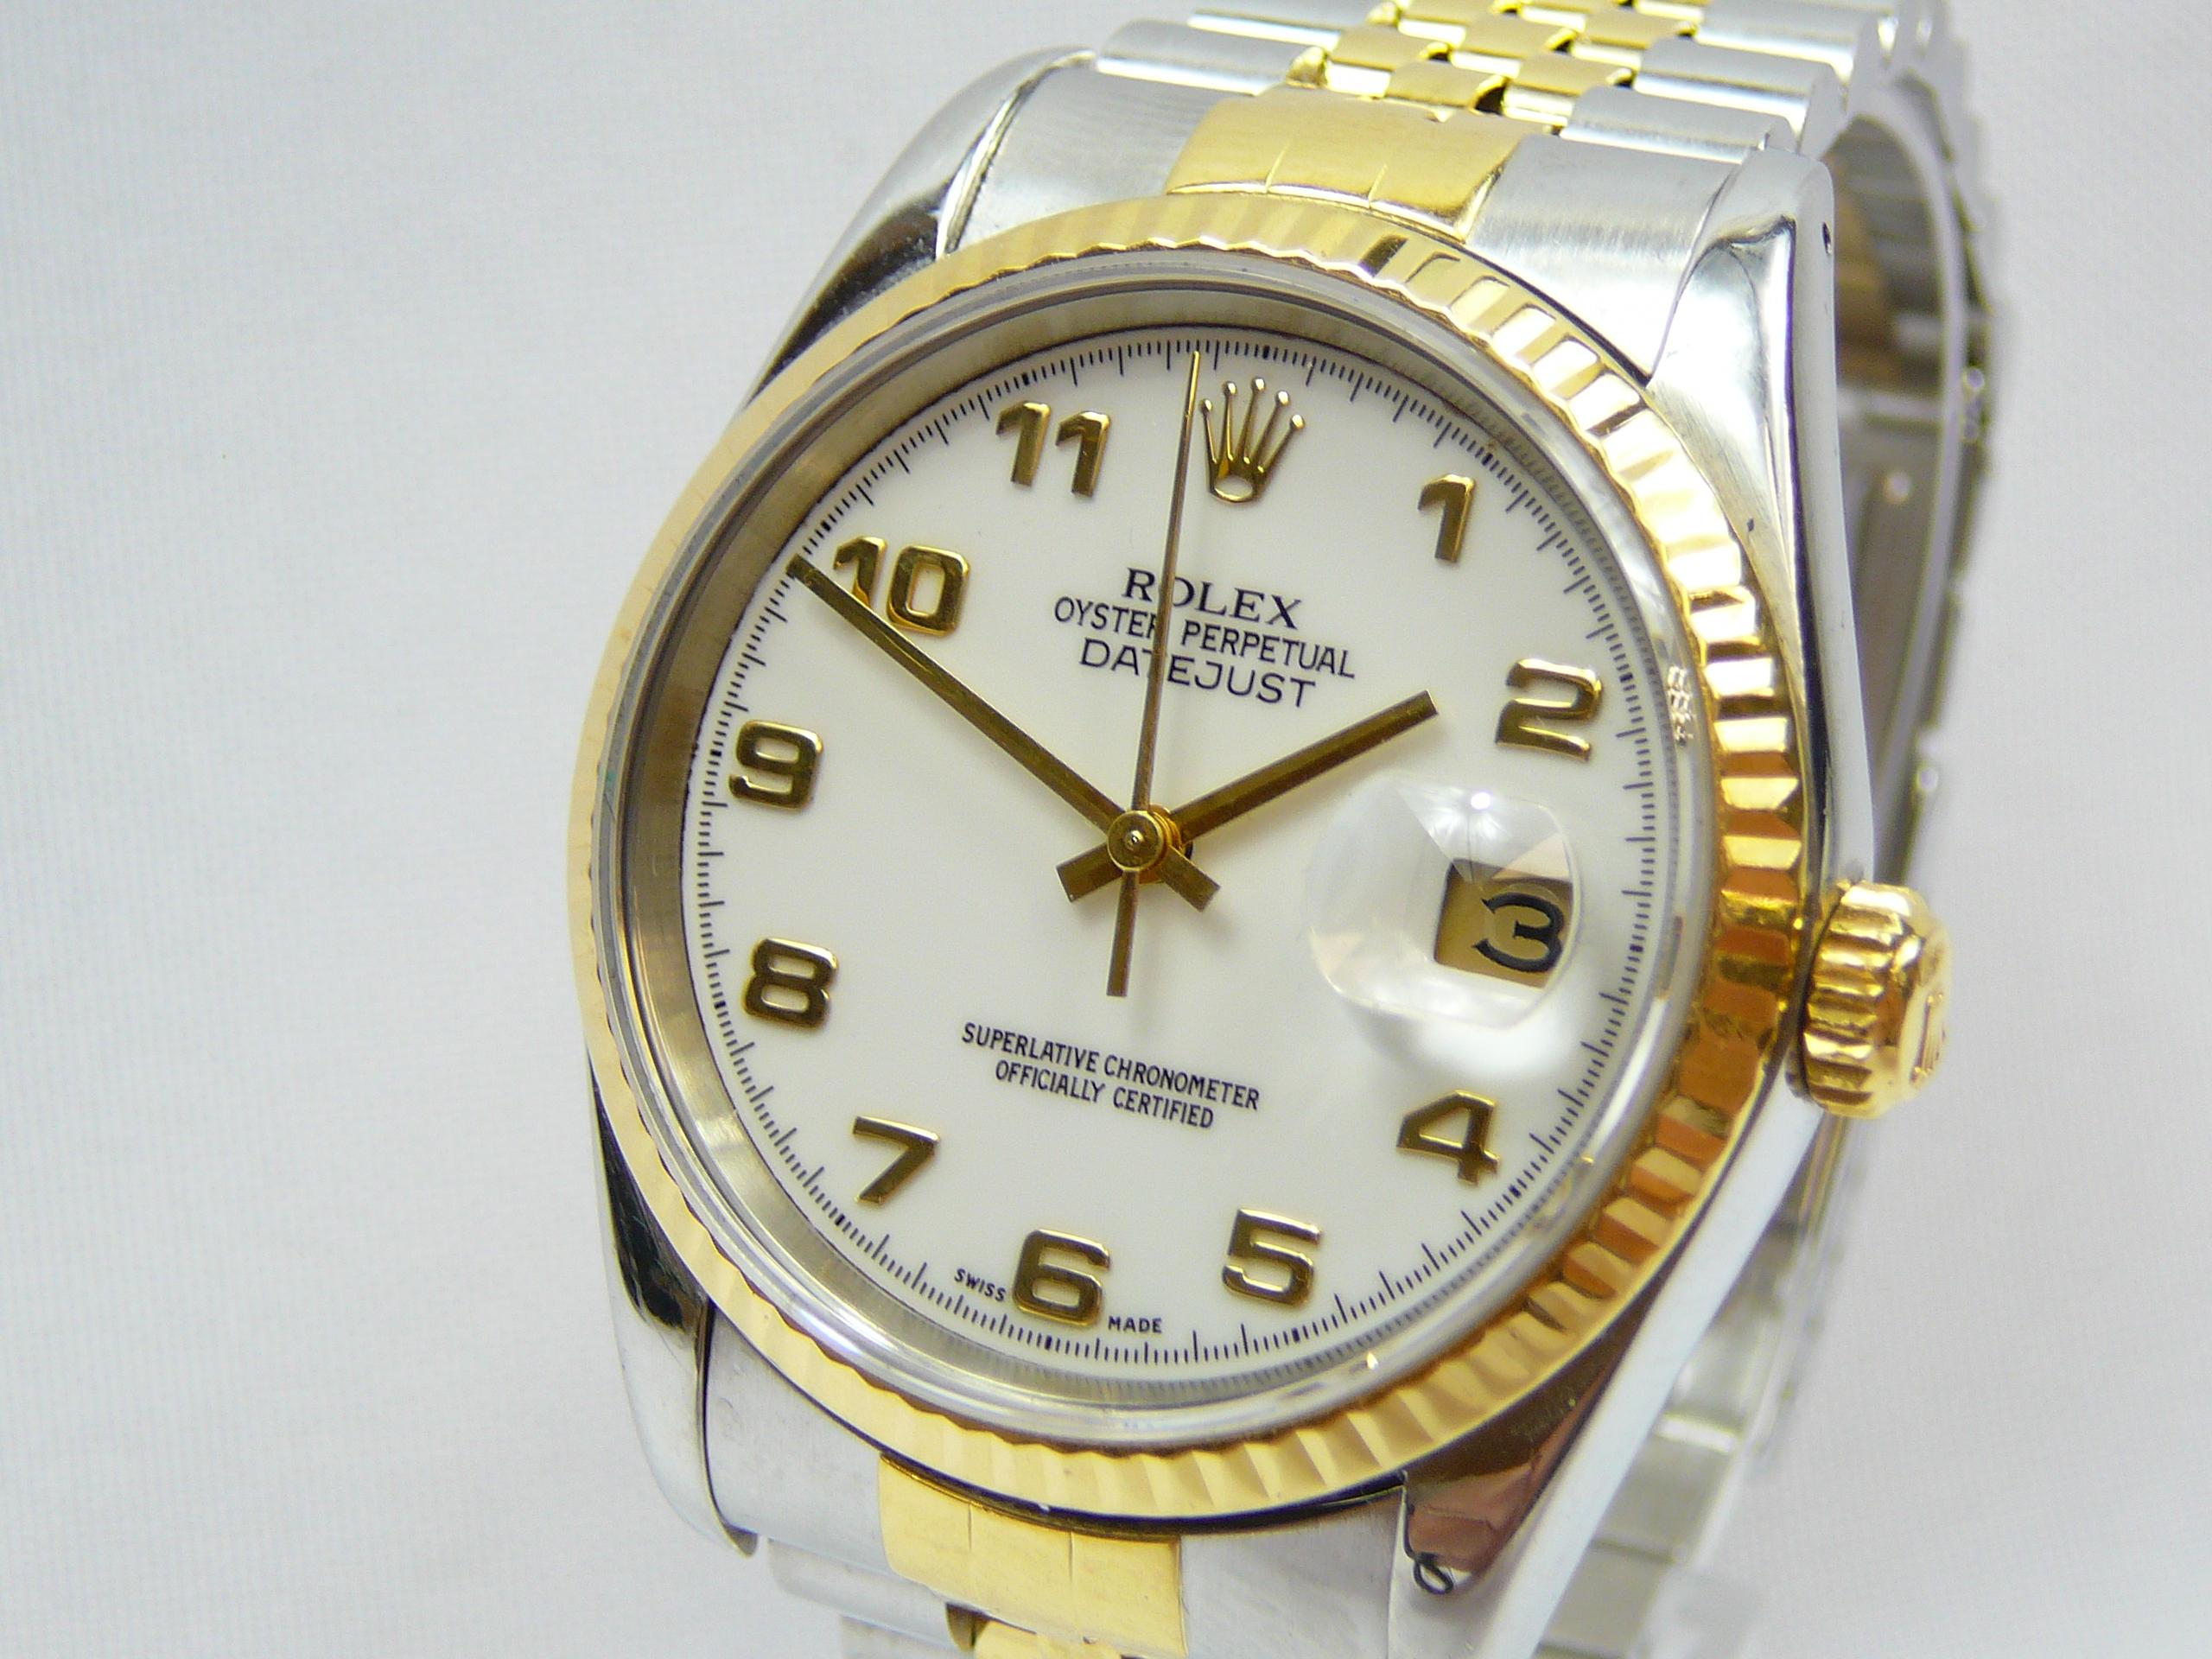 Gents Rolex Wrist Watch - Image 3 of 6